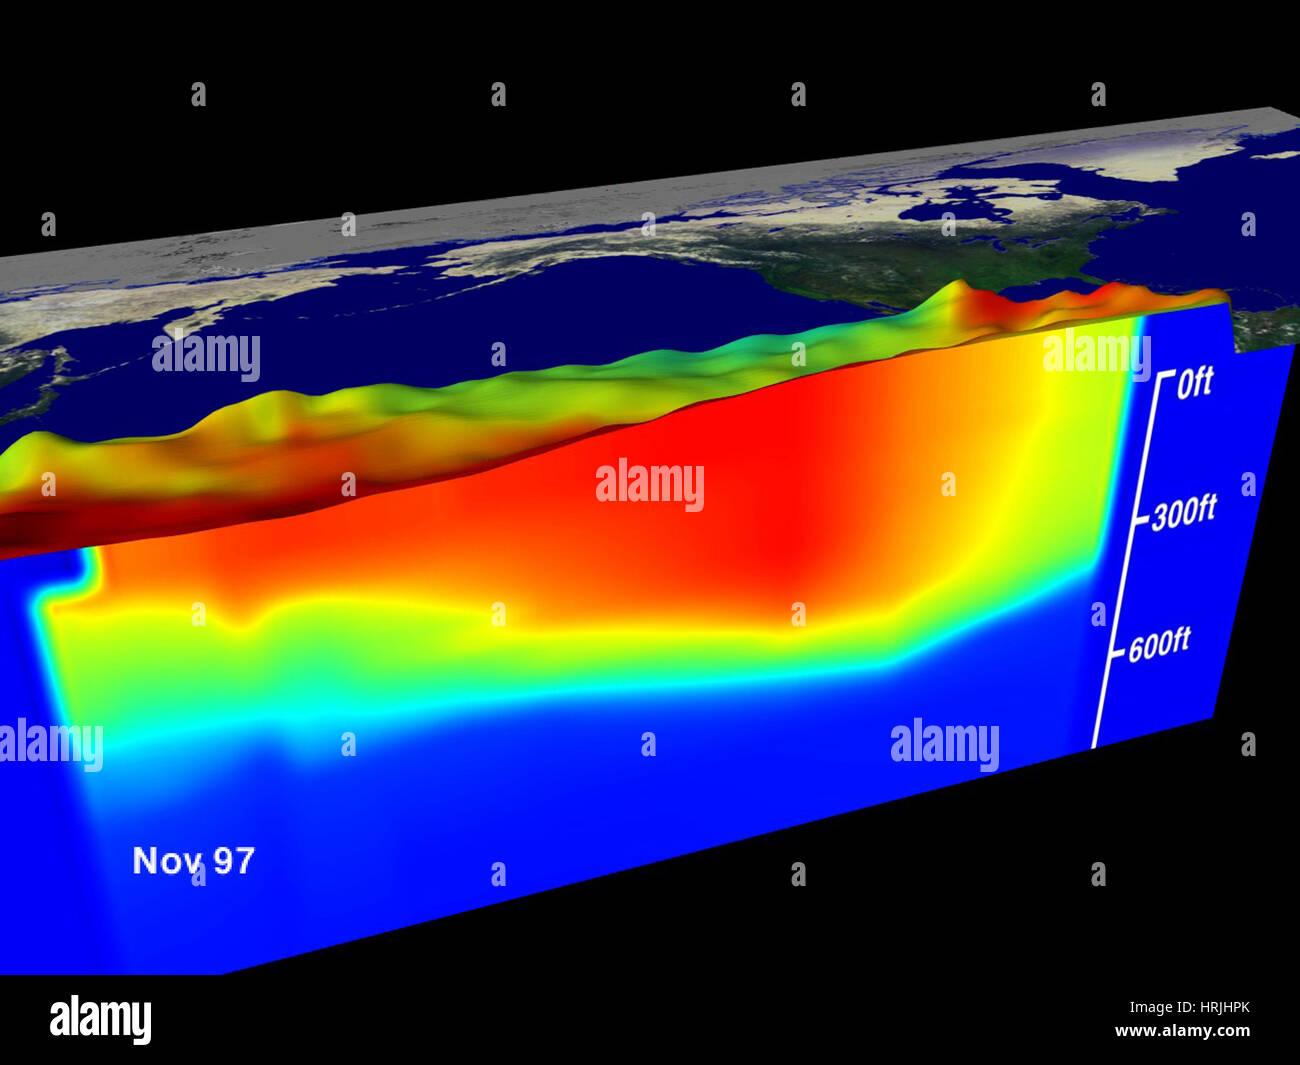 El Ni̱o, mediciones de la superficie del mar, noviembre de 1997 Imagen De Stock